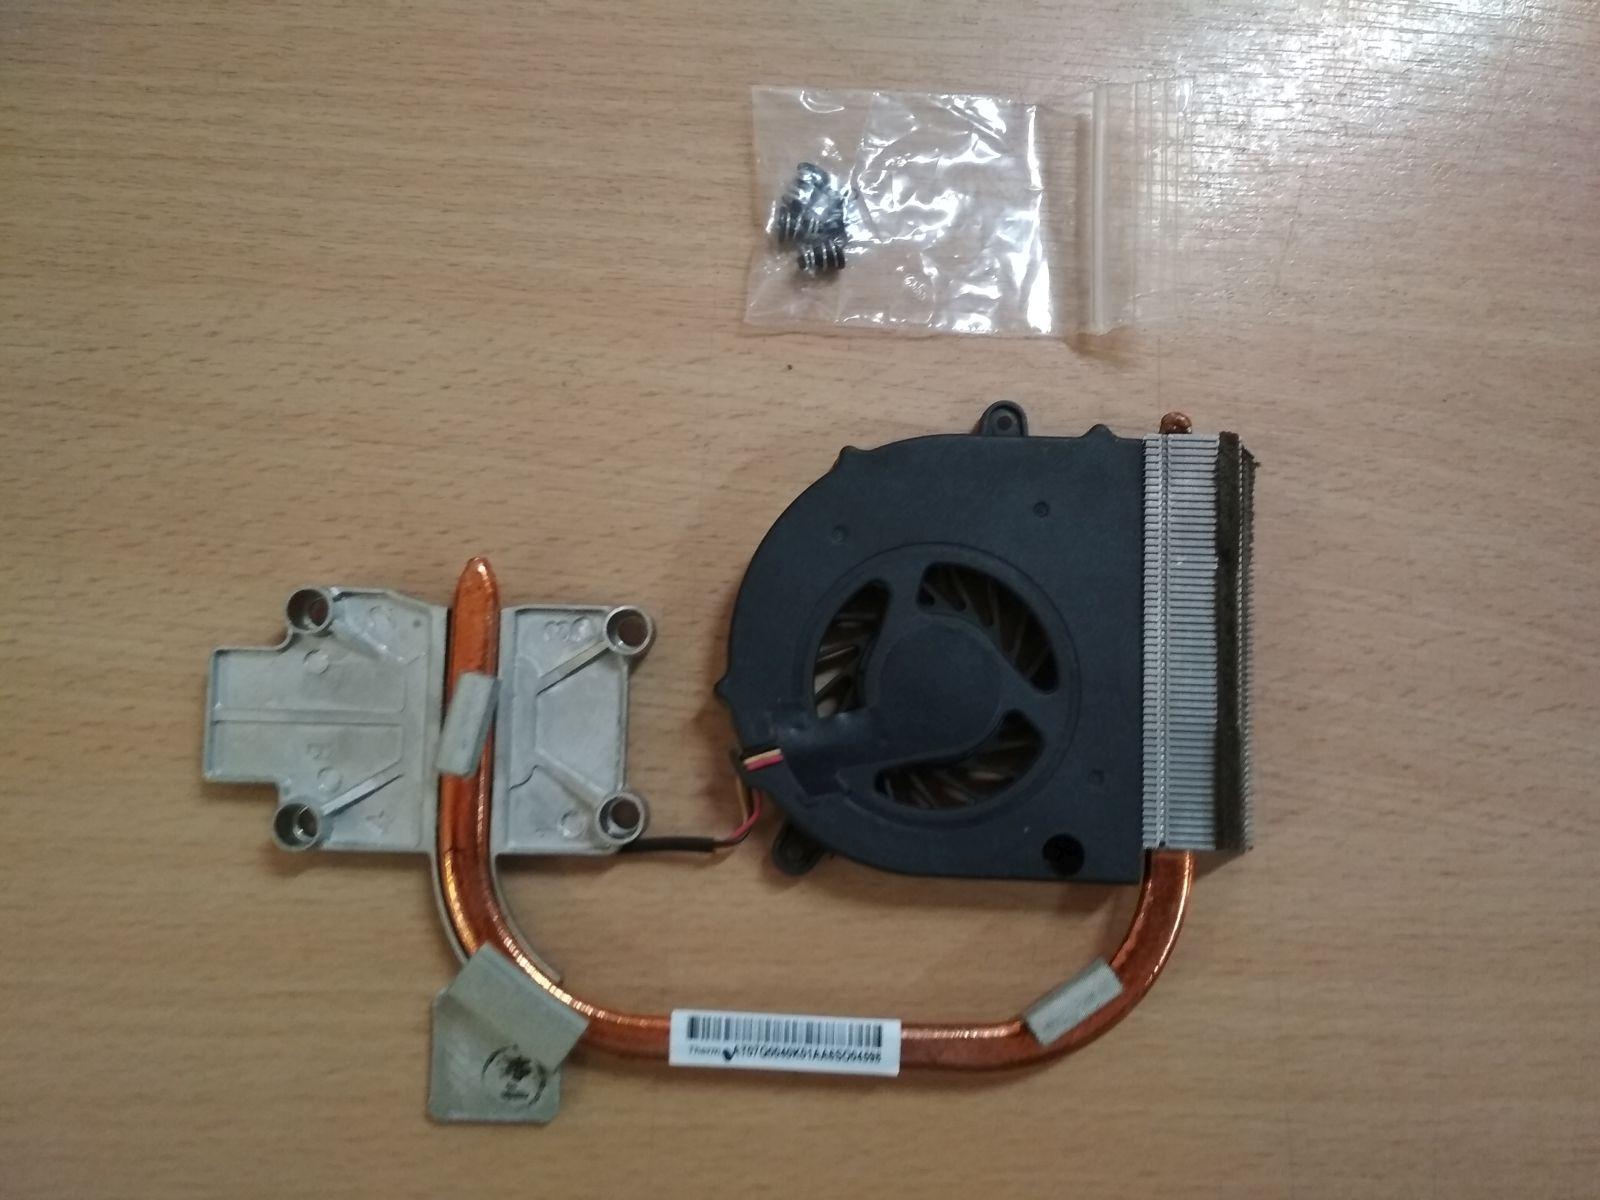 Lenovo Ideapad G550 B550 venti AB7005MX-ED3 és hőcső AT07Q0040K01 használt 1 hónap gar!